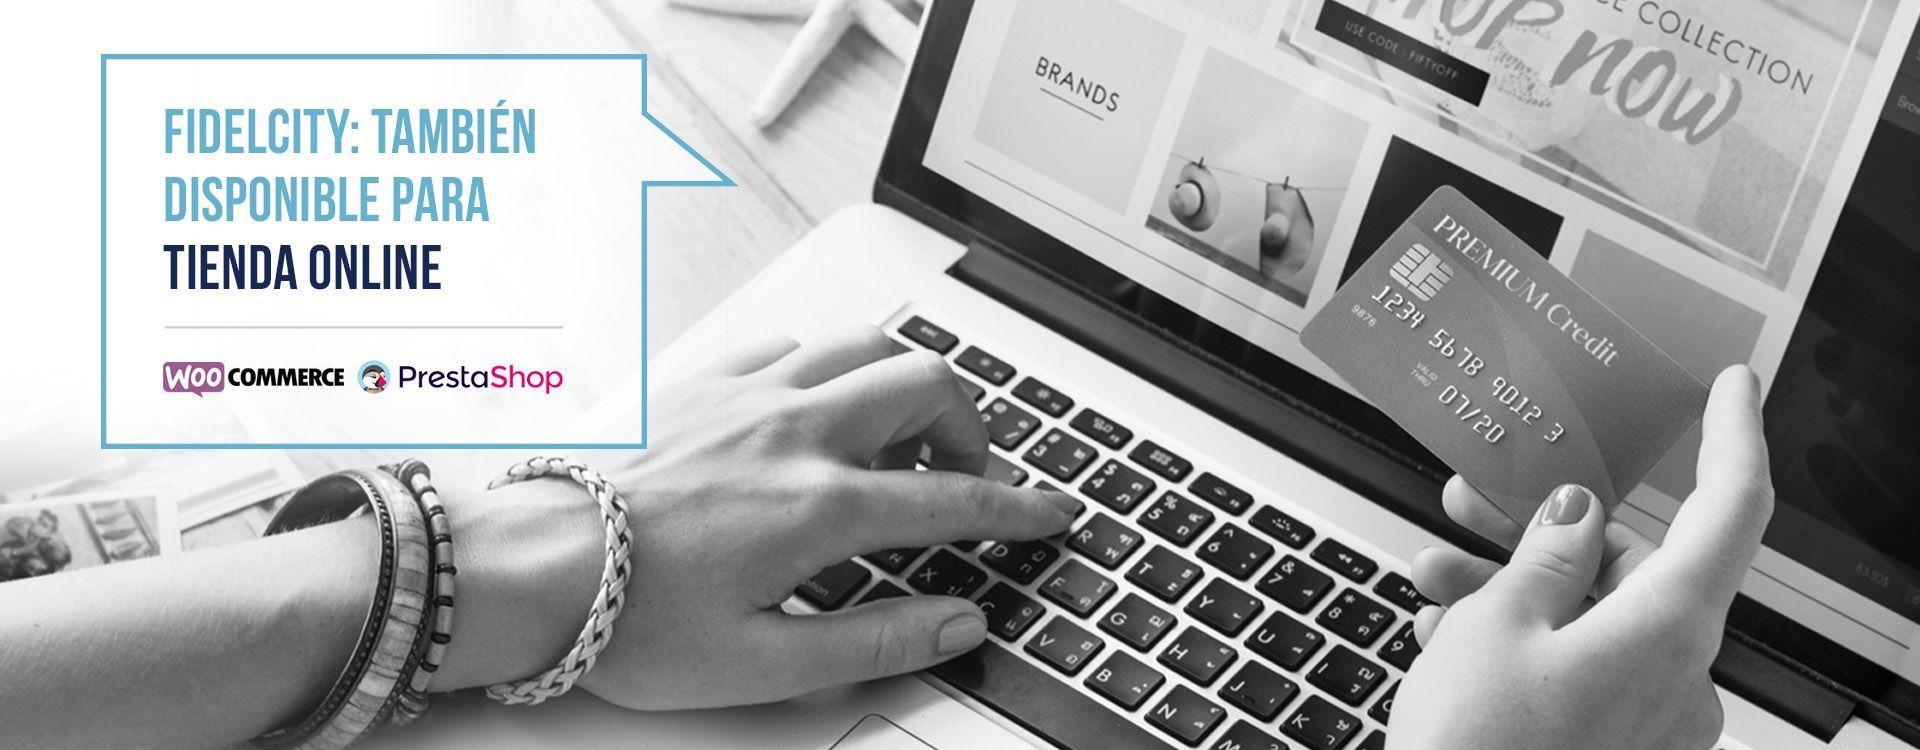 FidelCity integrado con Tiendas Online